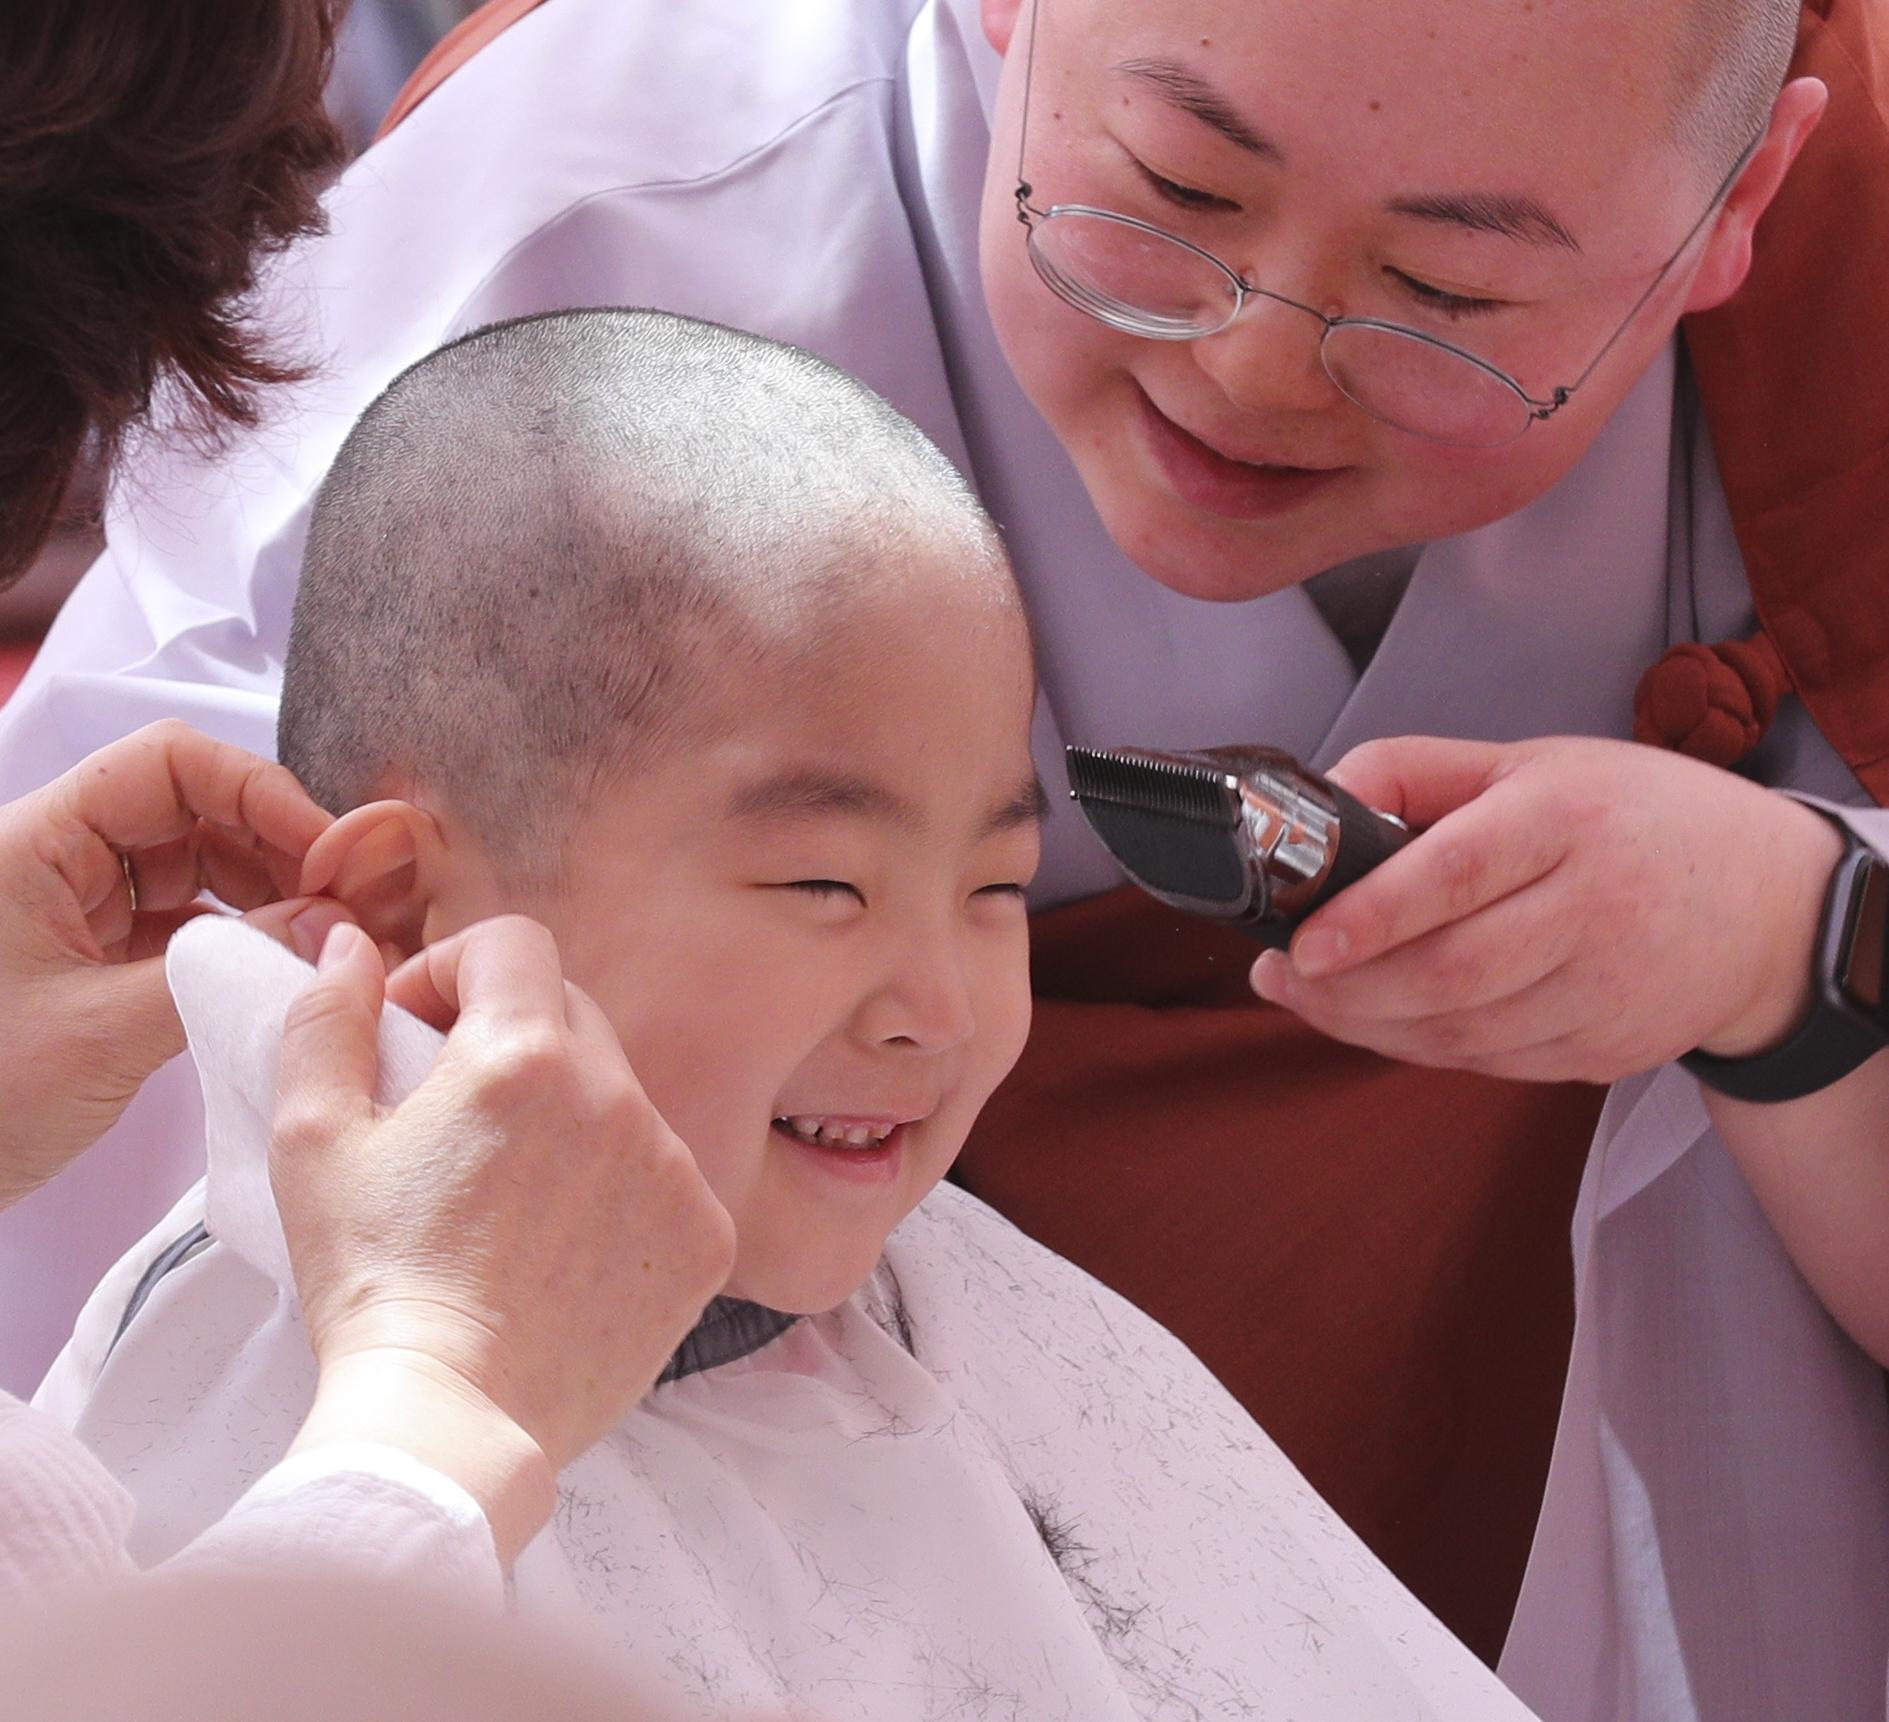 한 동자승이 단기출가 삭발 수계식이 열린 22일 서울 종로구 조계사에서 스님이 머리를 깎자 밝게 미소 짓고 있다.     임현동 기자